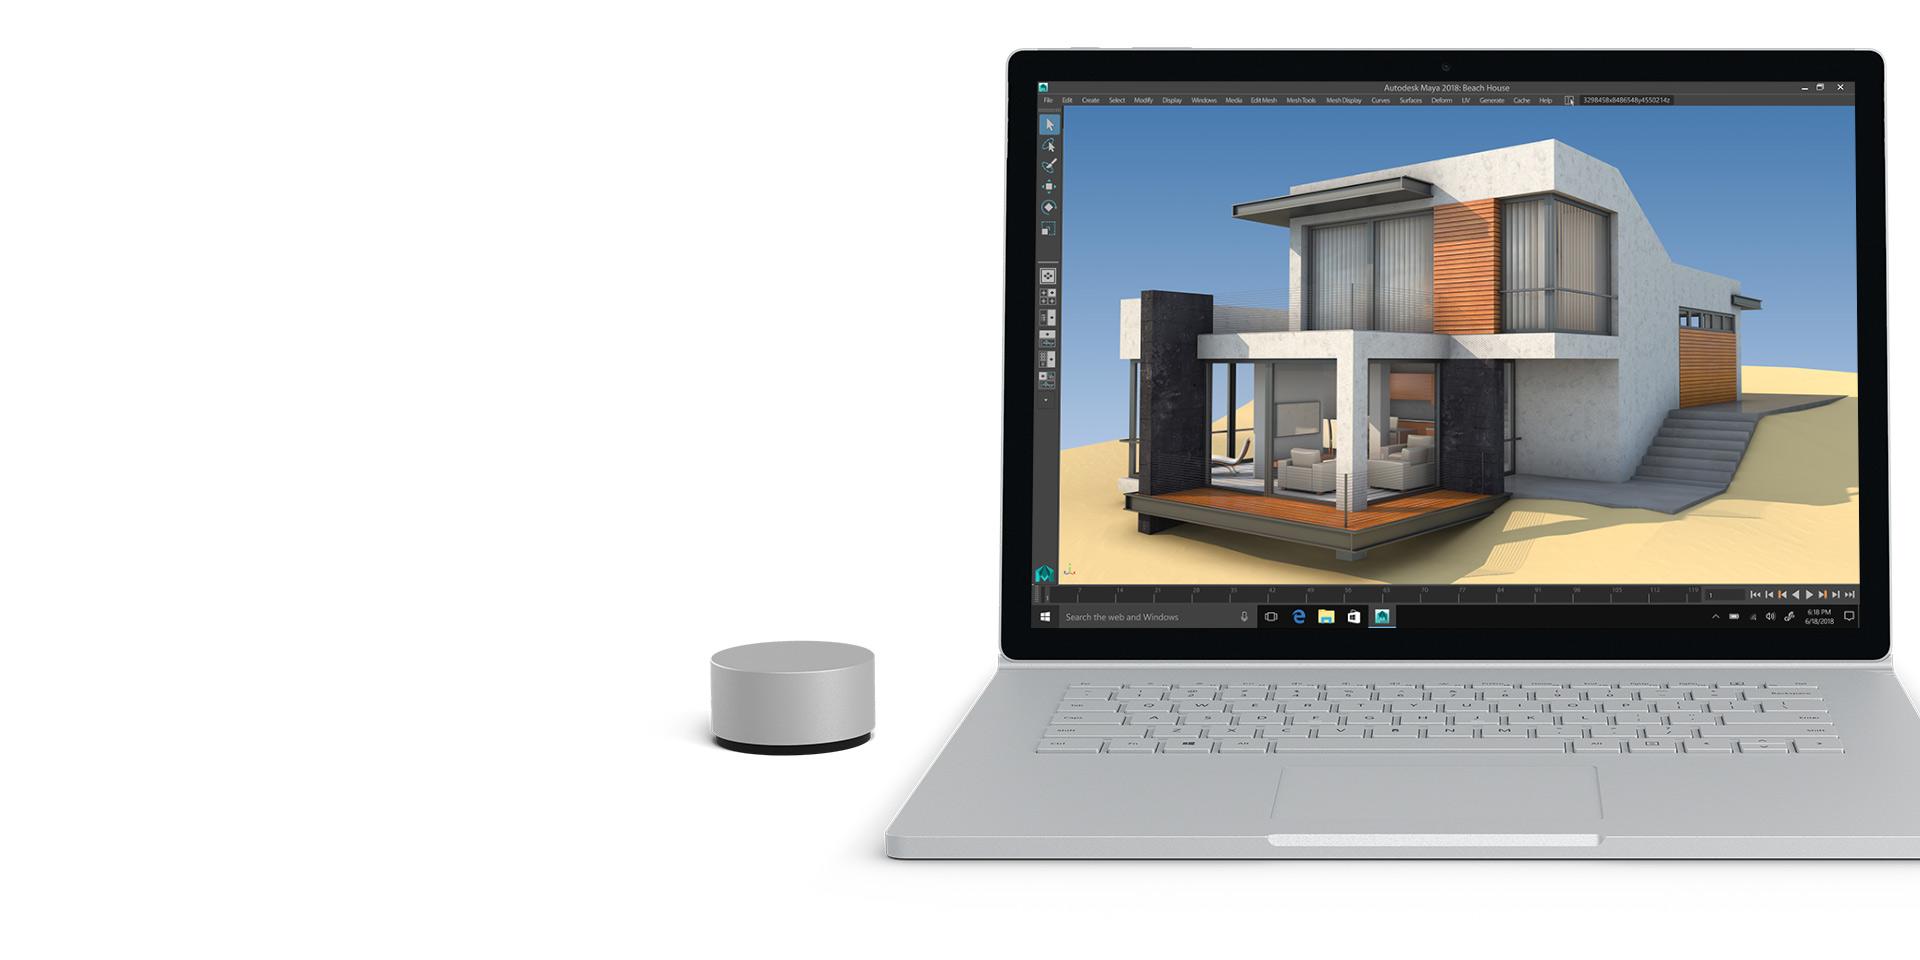 Surface Book 2-Display mit geöffnetem Autodesk Maya